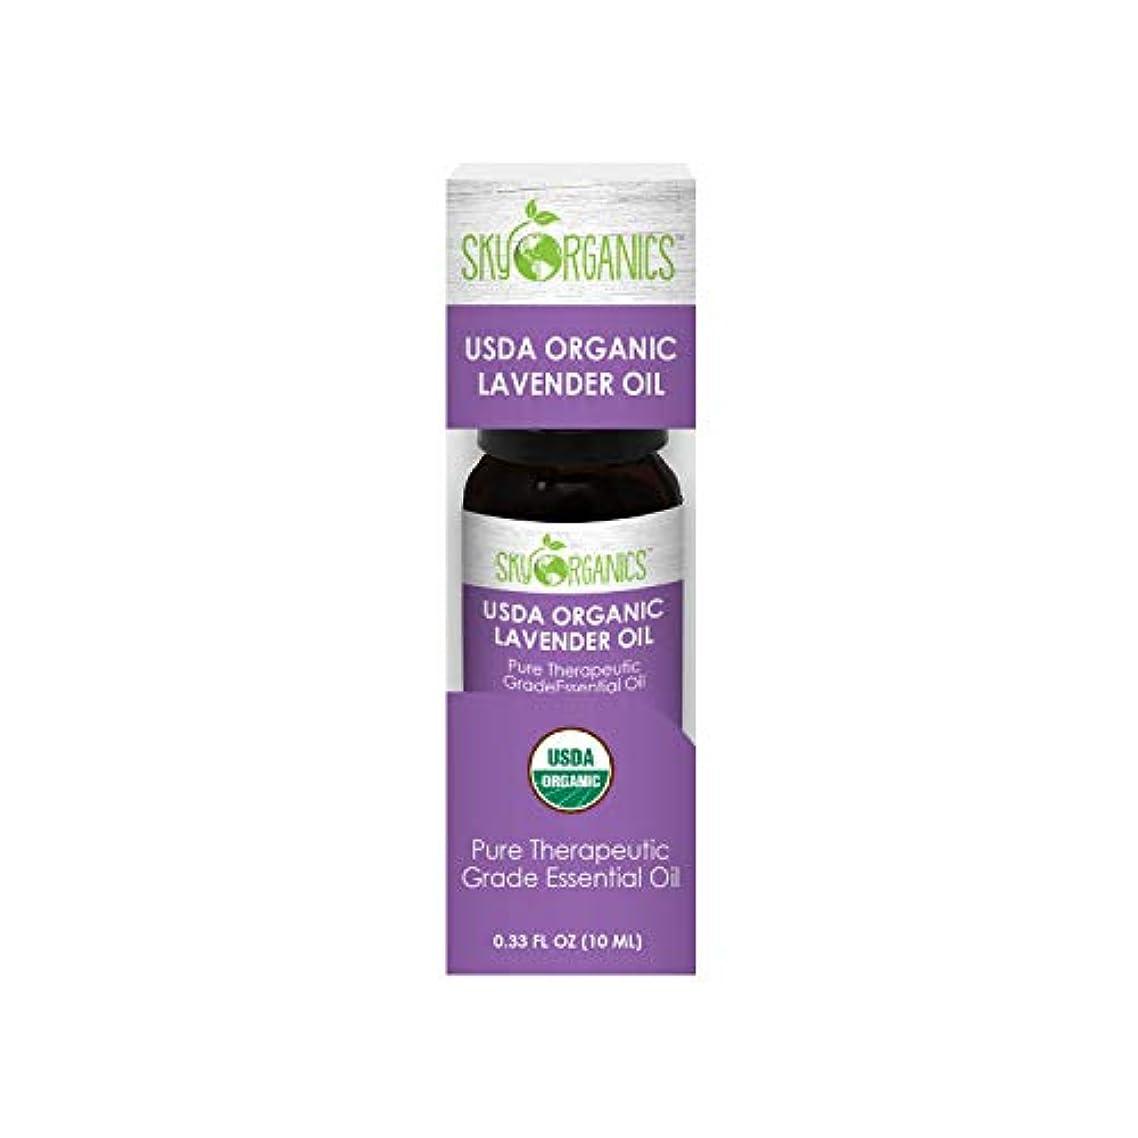 写真を撮る名前想定認定エッセンシャルオイル Lavender Oil Sky Organics USDAオーガニックラベンダーオイル-10 ml-ピュアセラピューティックグレードのエッセンシャルオイル-ディフューザー、アロマセラピー、マッサージオイル、DIY